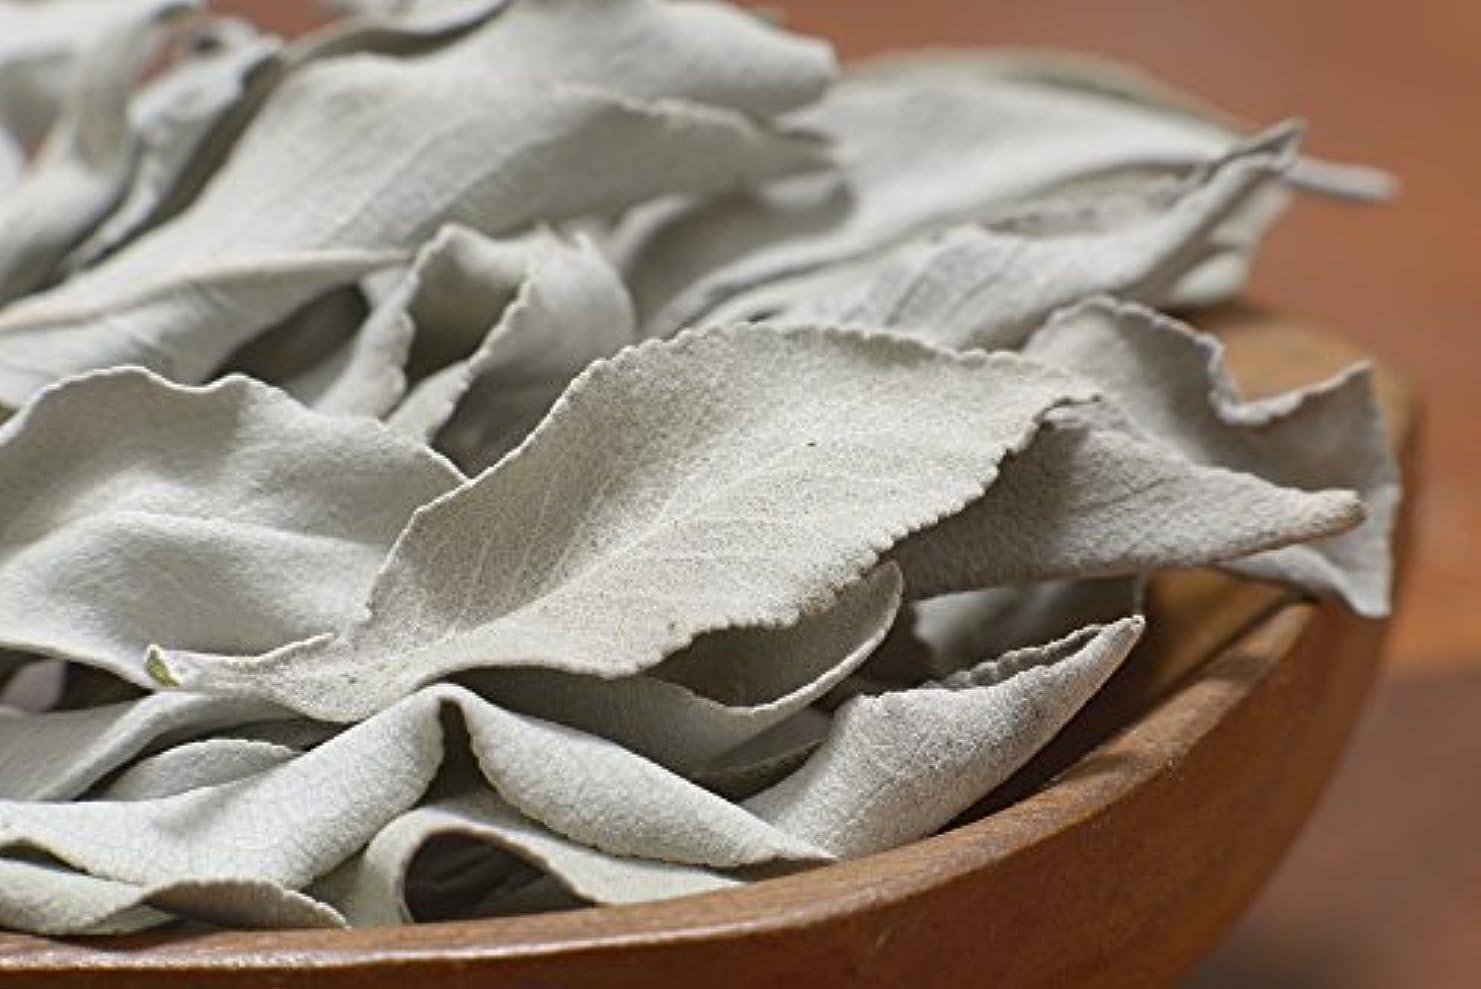 株式会社入る純度最高級カリフォルニア産オーガニック ホワイトセージ 50g入り (葉+茎タイプ) 無農薬栽培 浄化用 スマッジング用として